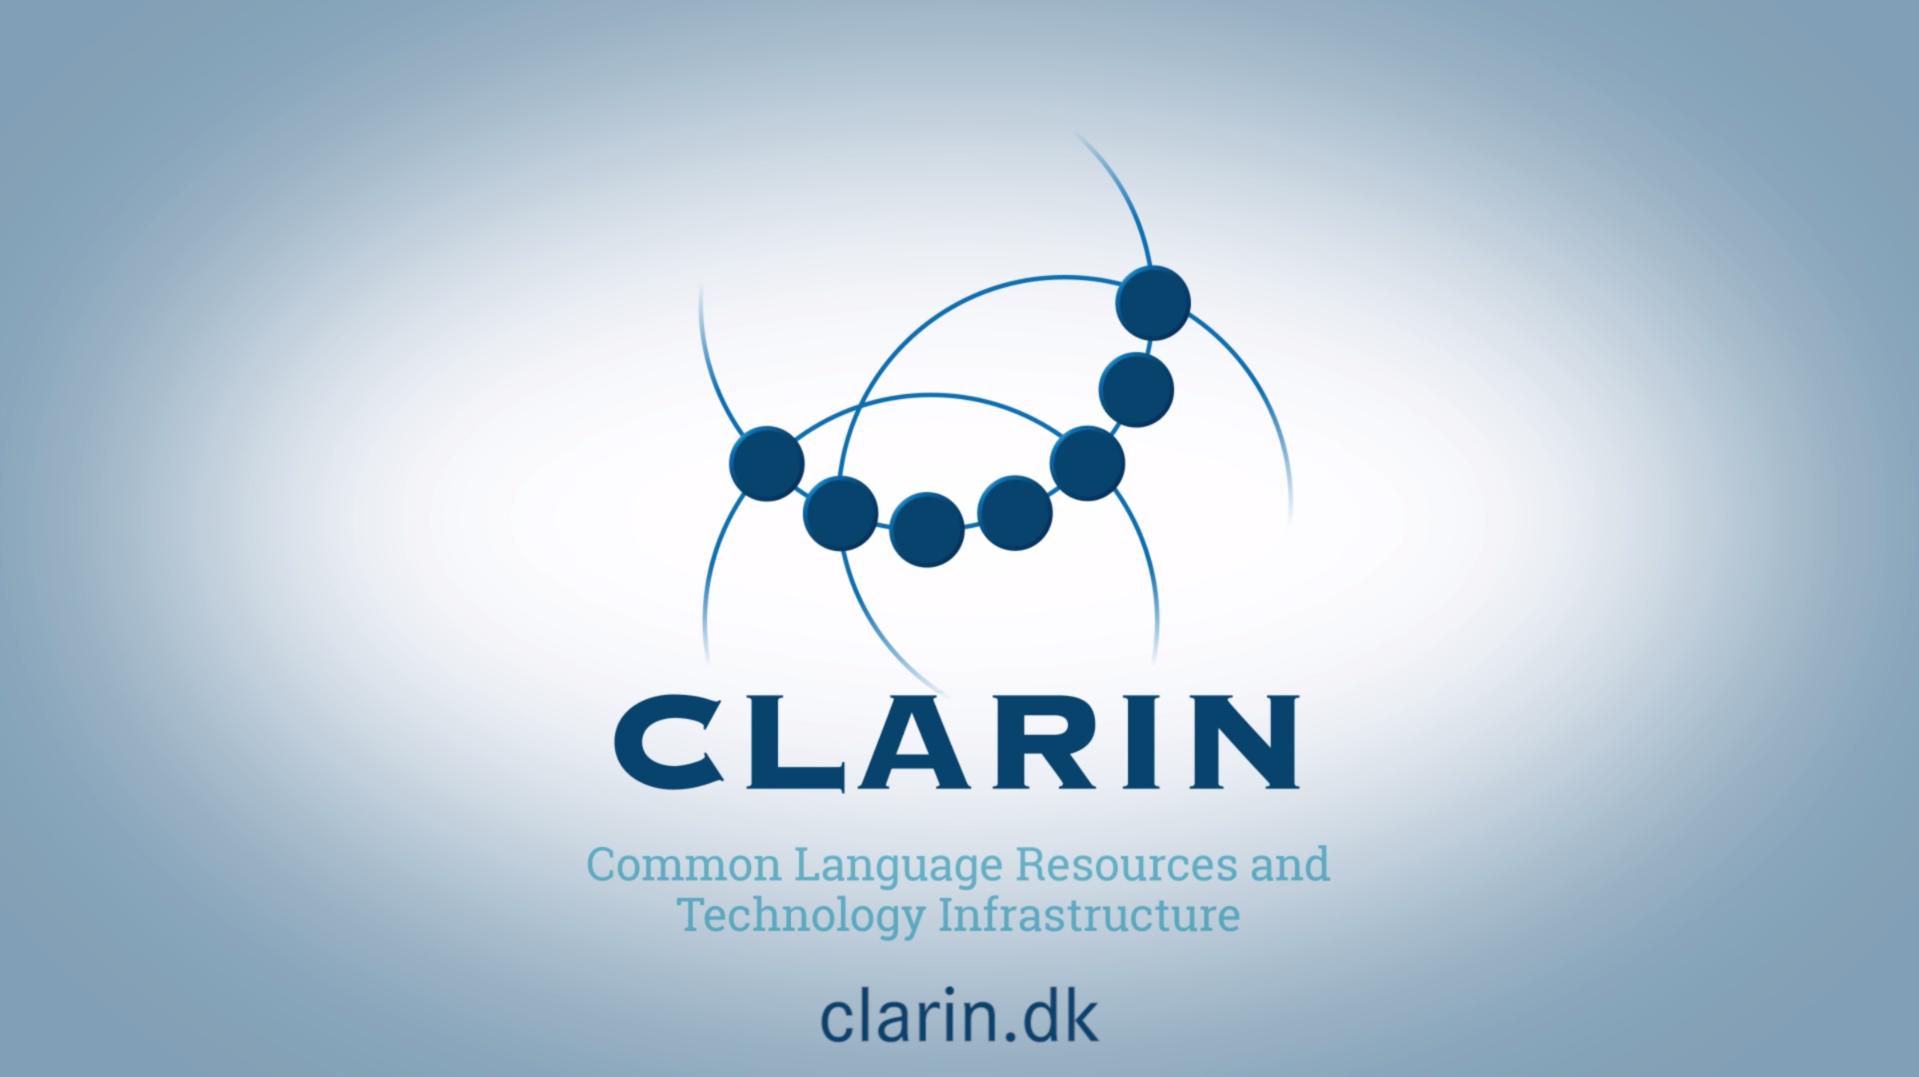 clarin-logo-banner